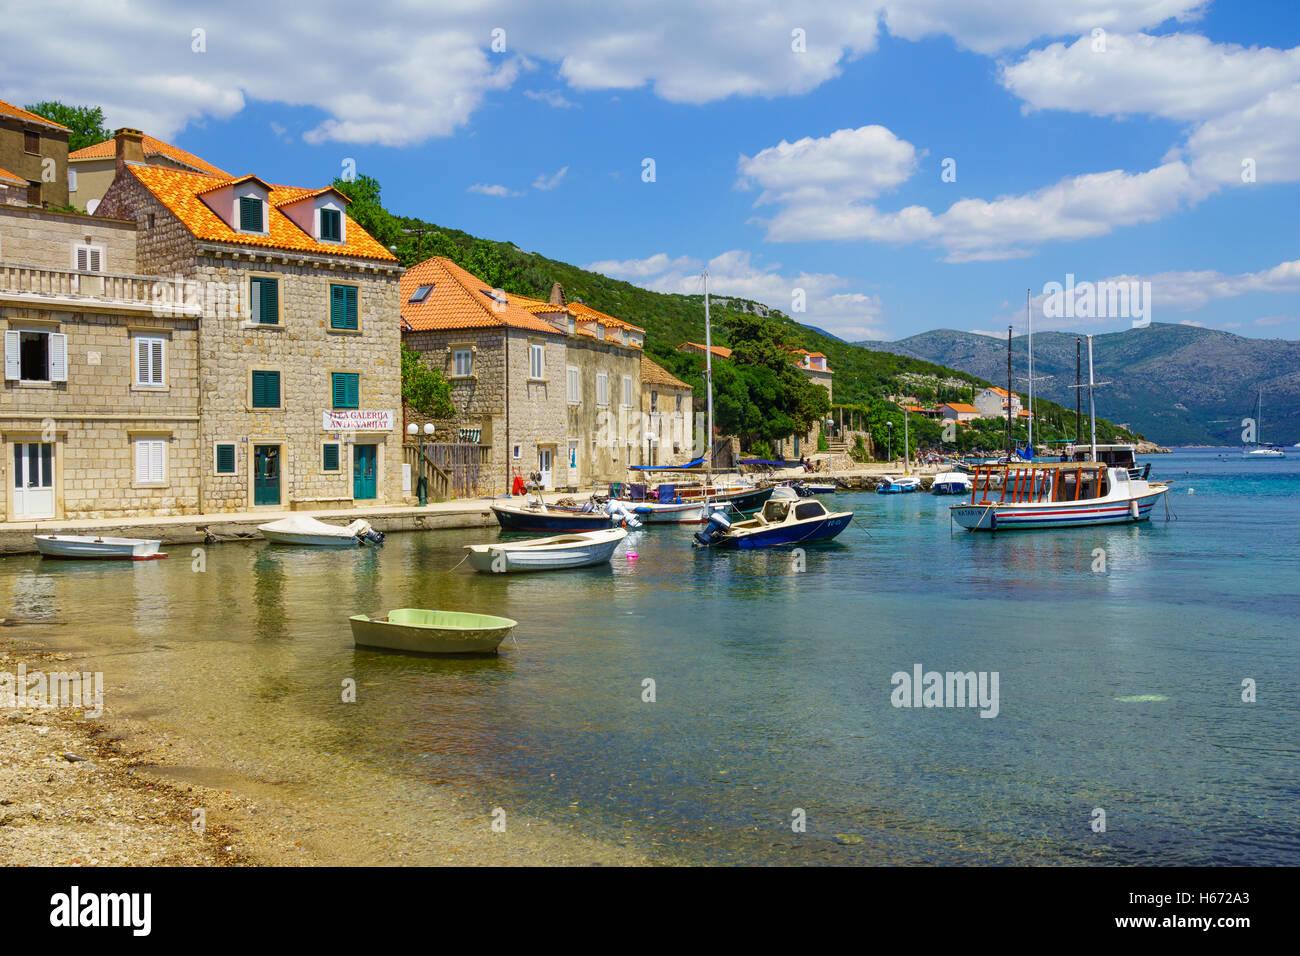 AUSLÄUFER, Kroatien - 27. Juni 2015: Szene des Fischereihafens, mit Booten, einheimische und Touristen, die Stockbild